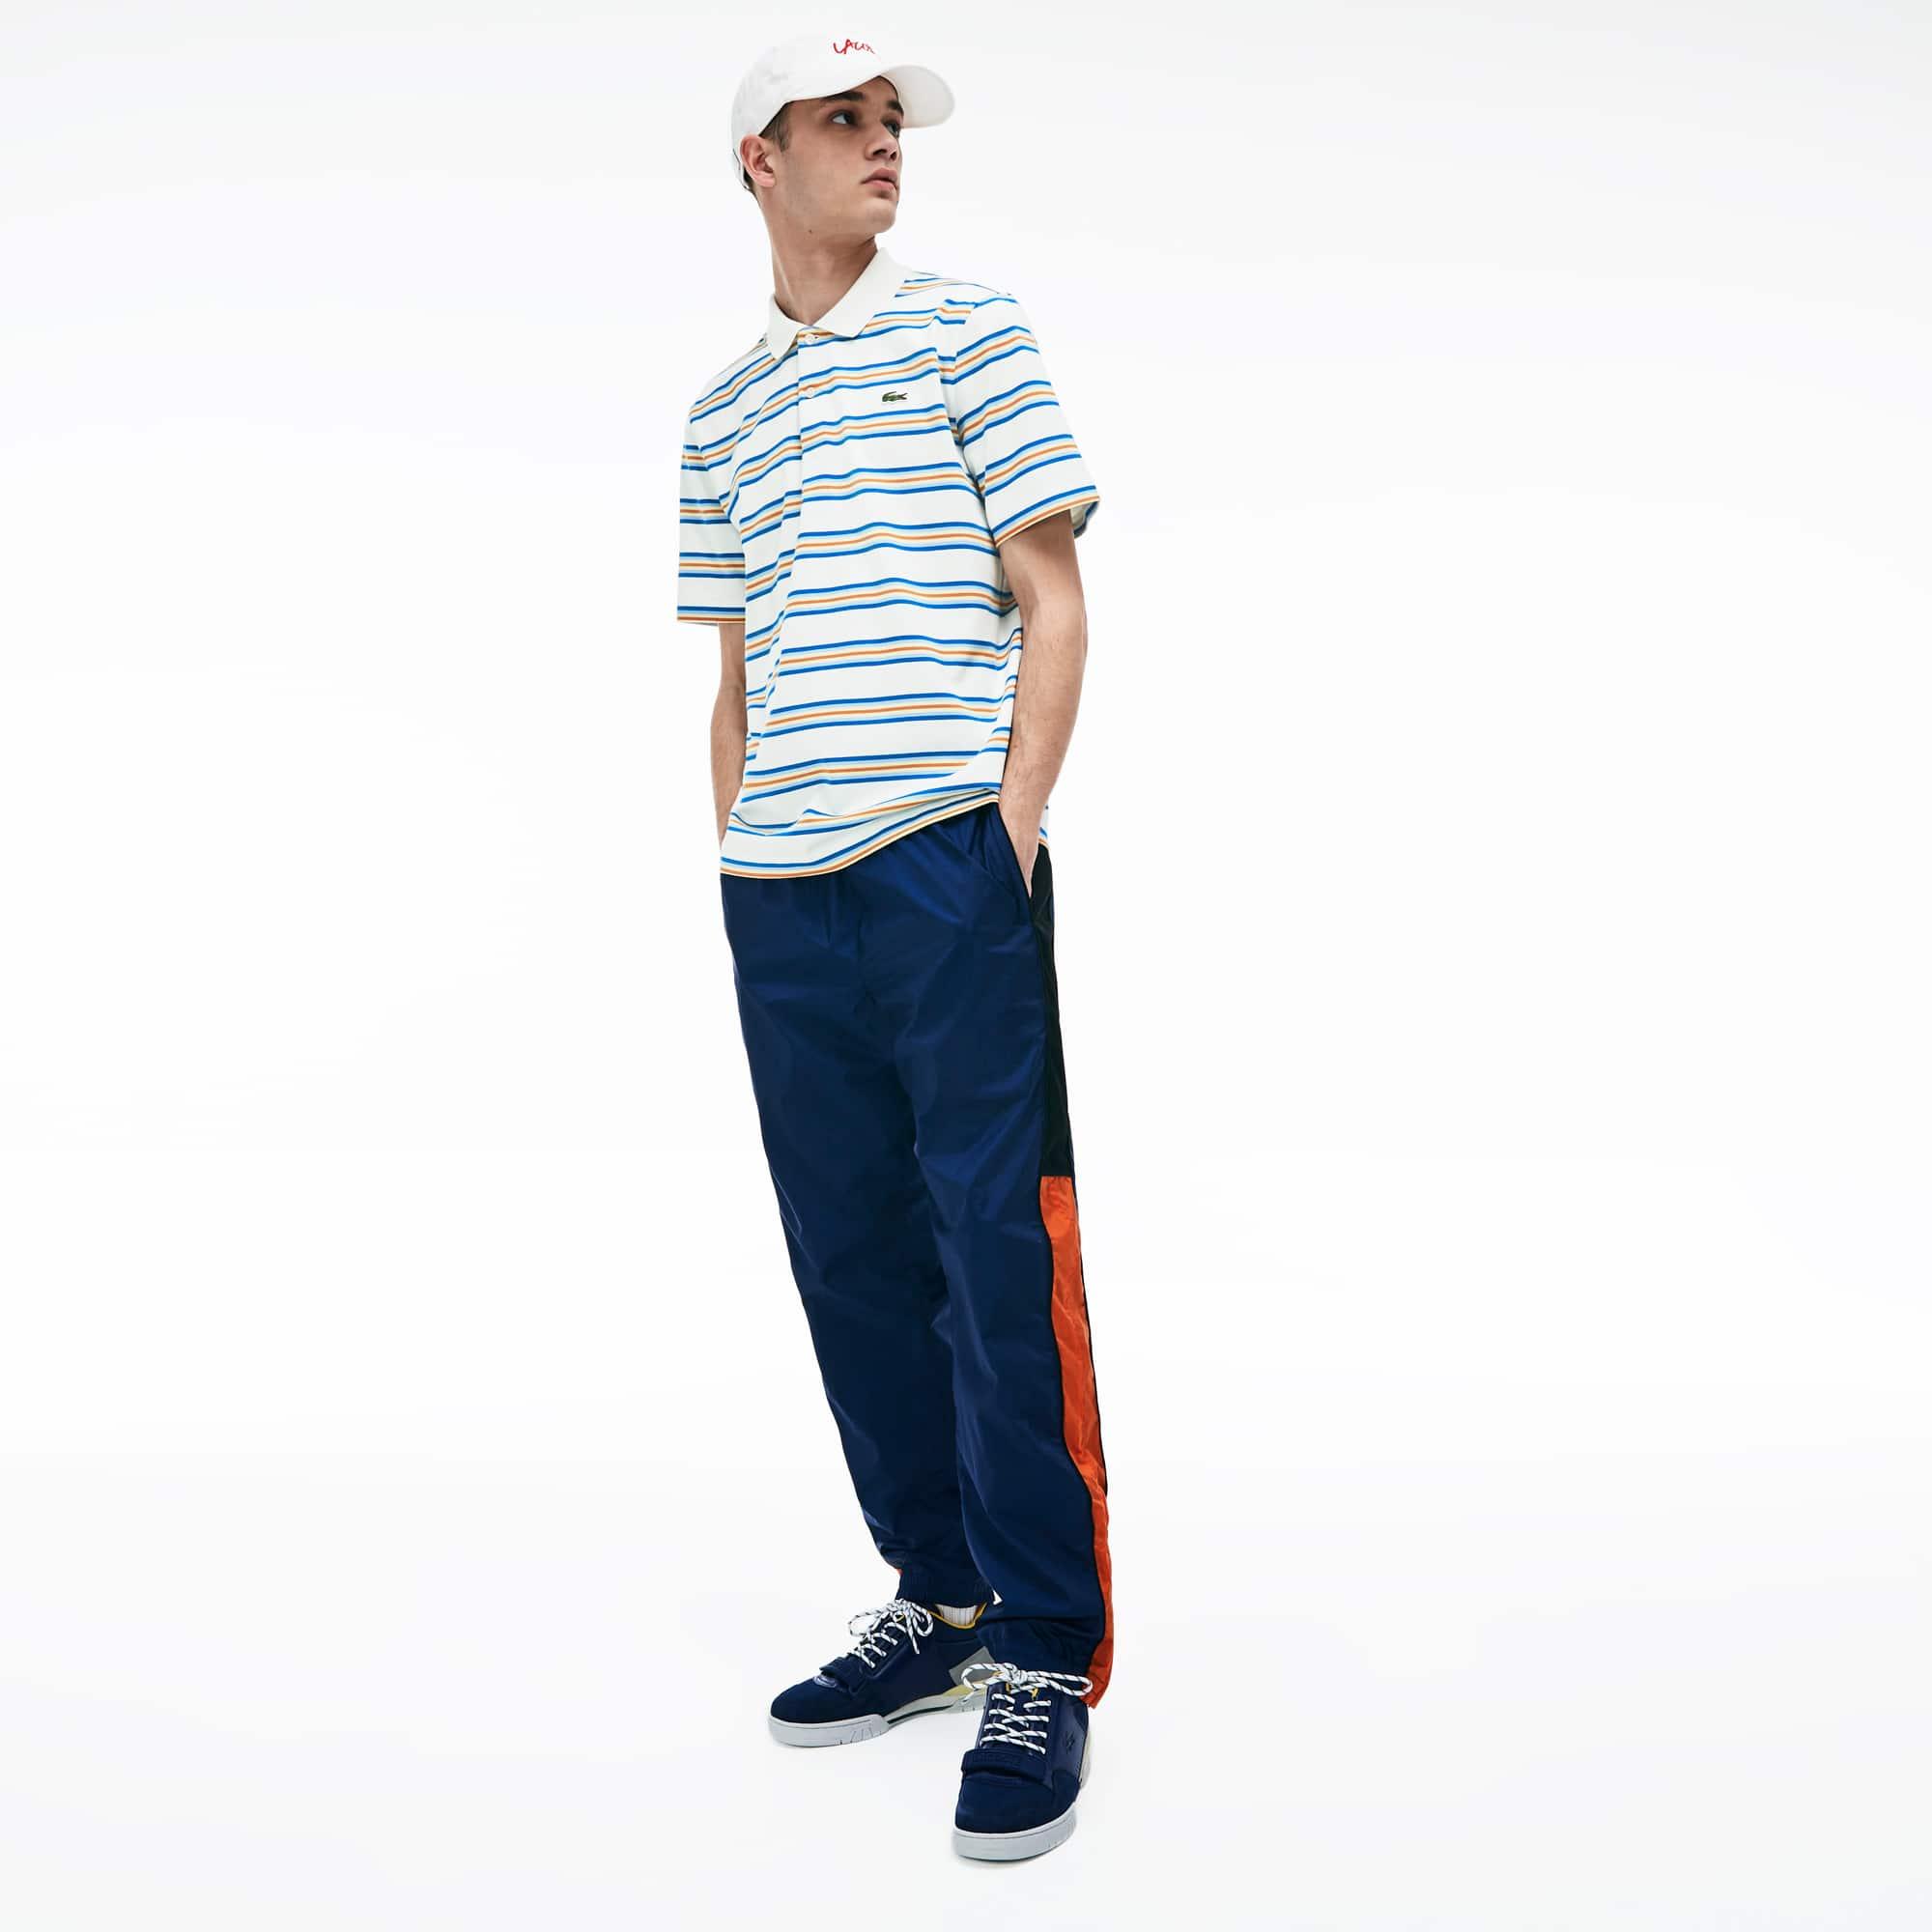 c81c43176c Men's Lacoste LIVE Regular Fit Colour Striped Cotton Polo Shirt ...